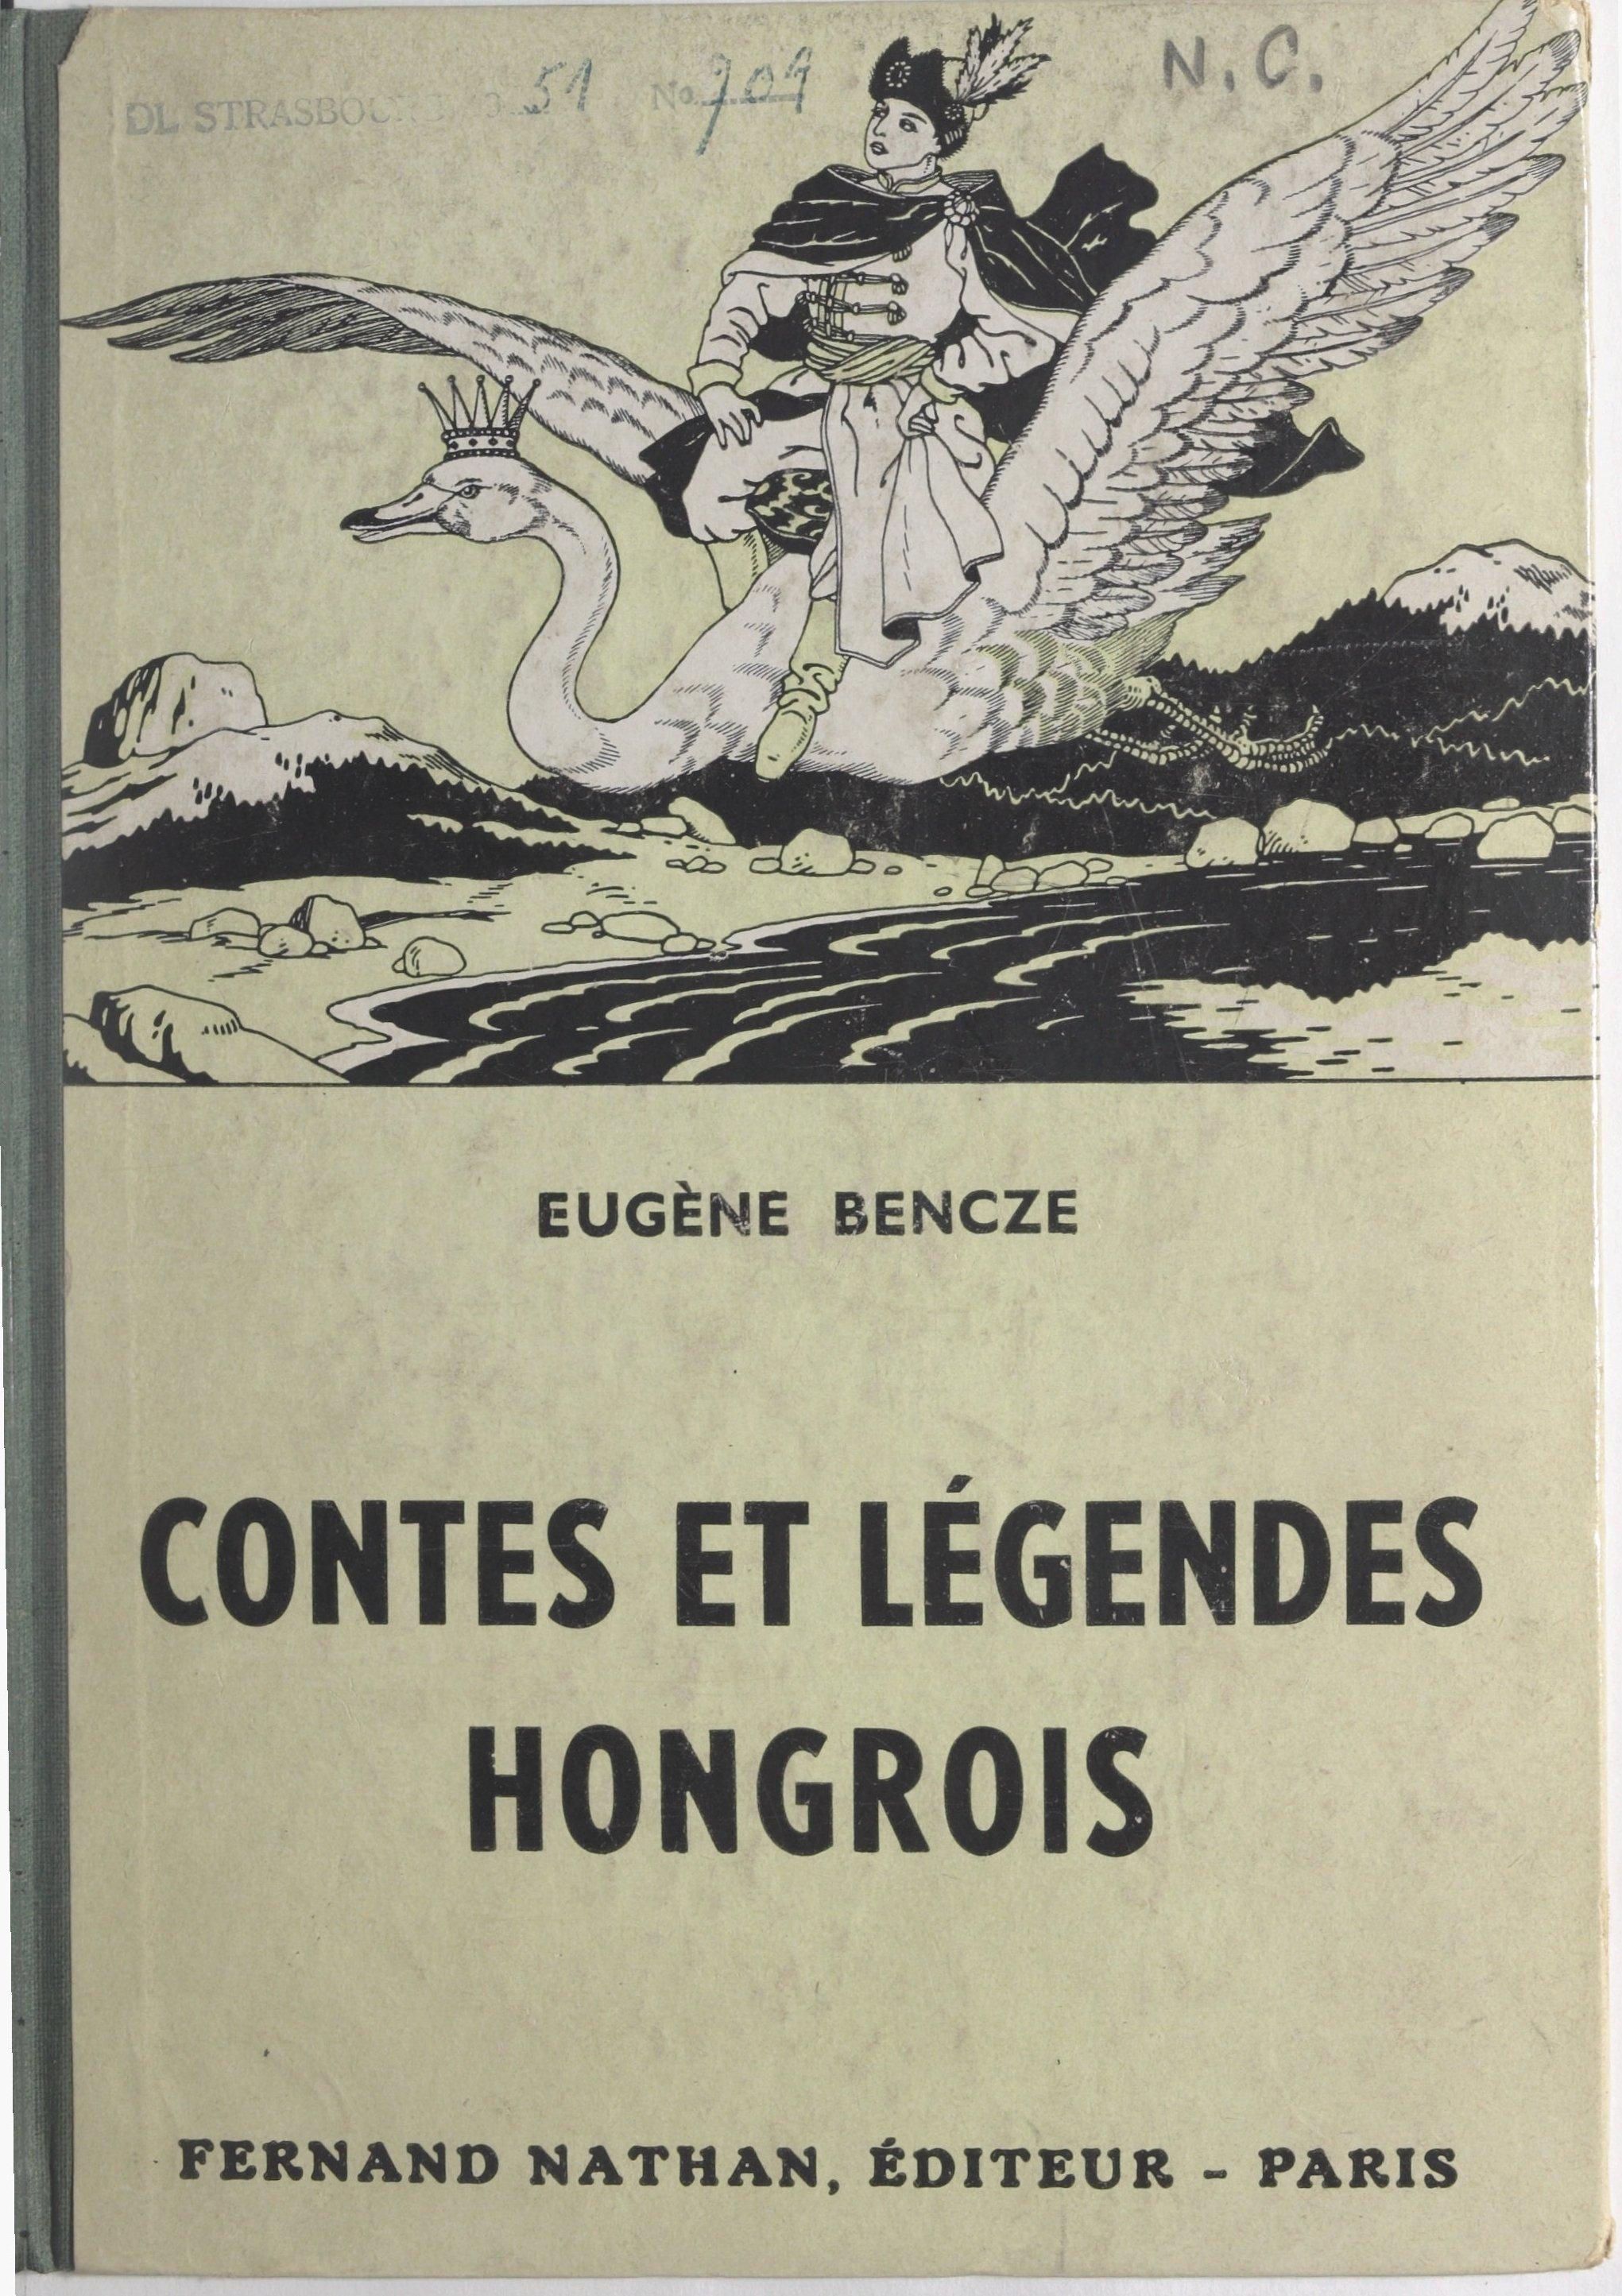 Contes et légendes hongrois